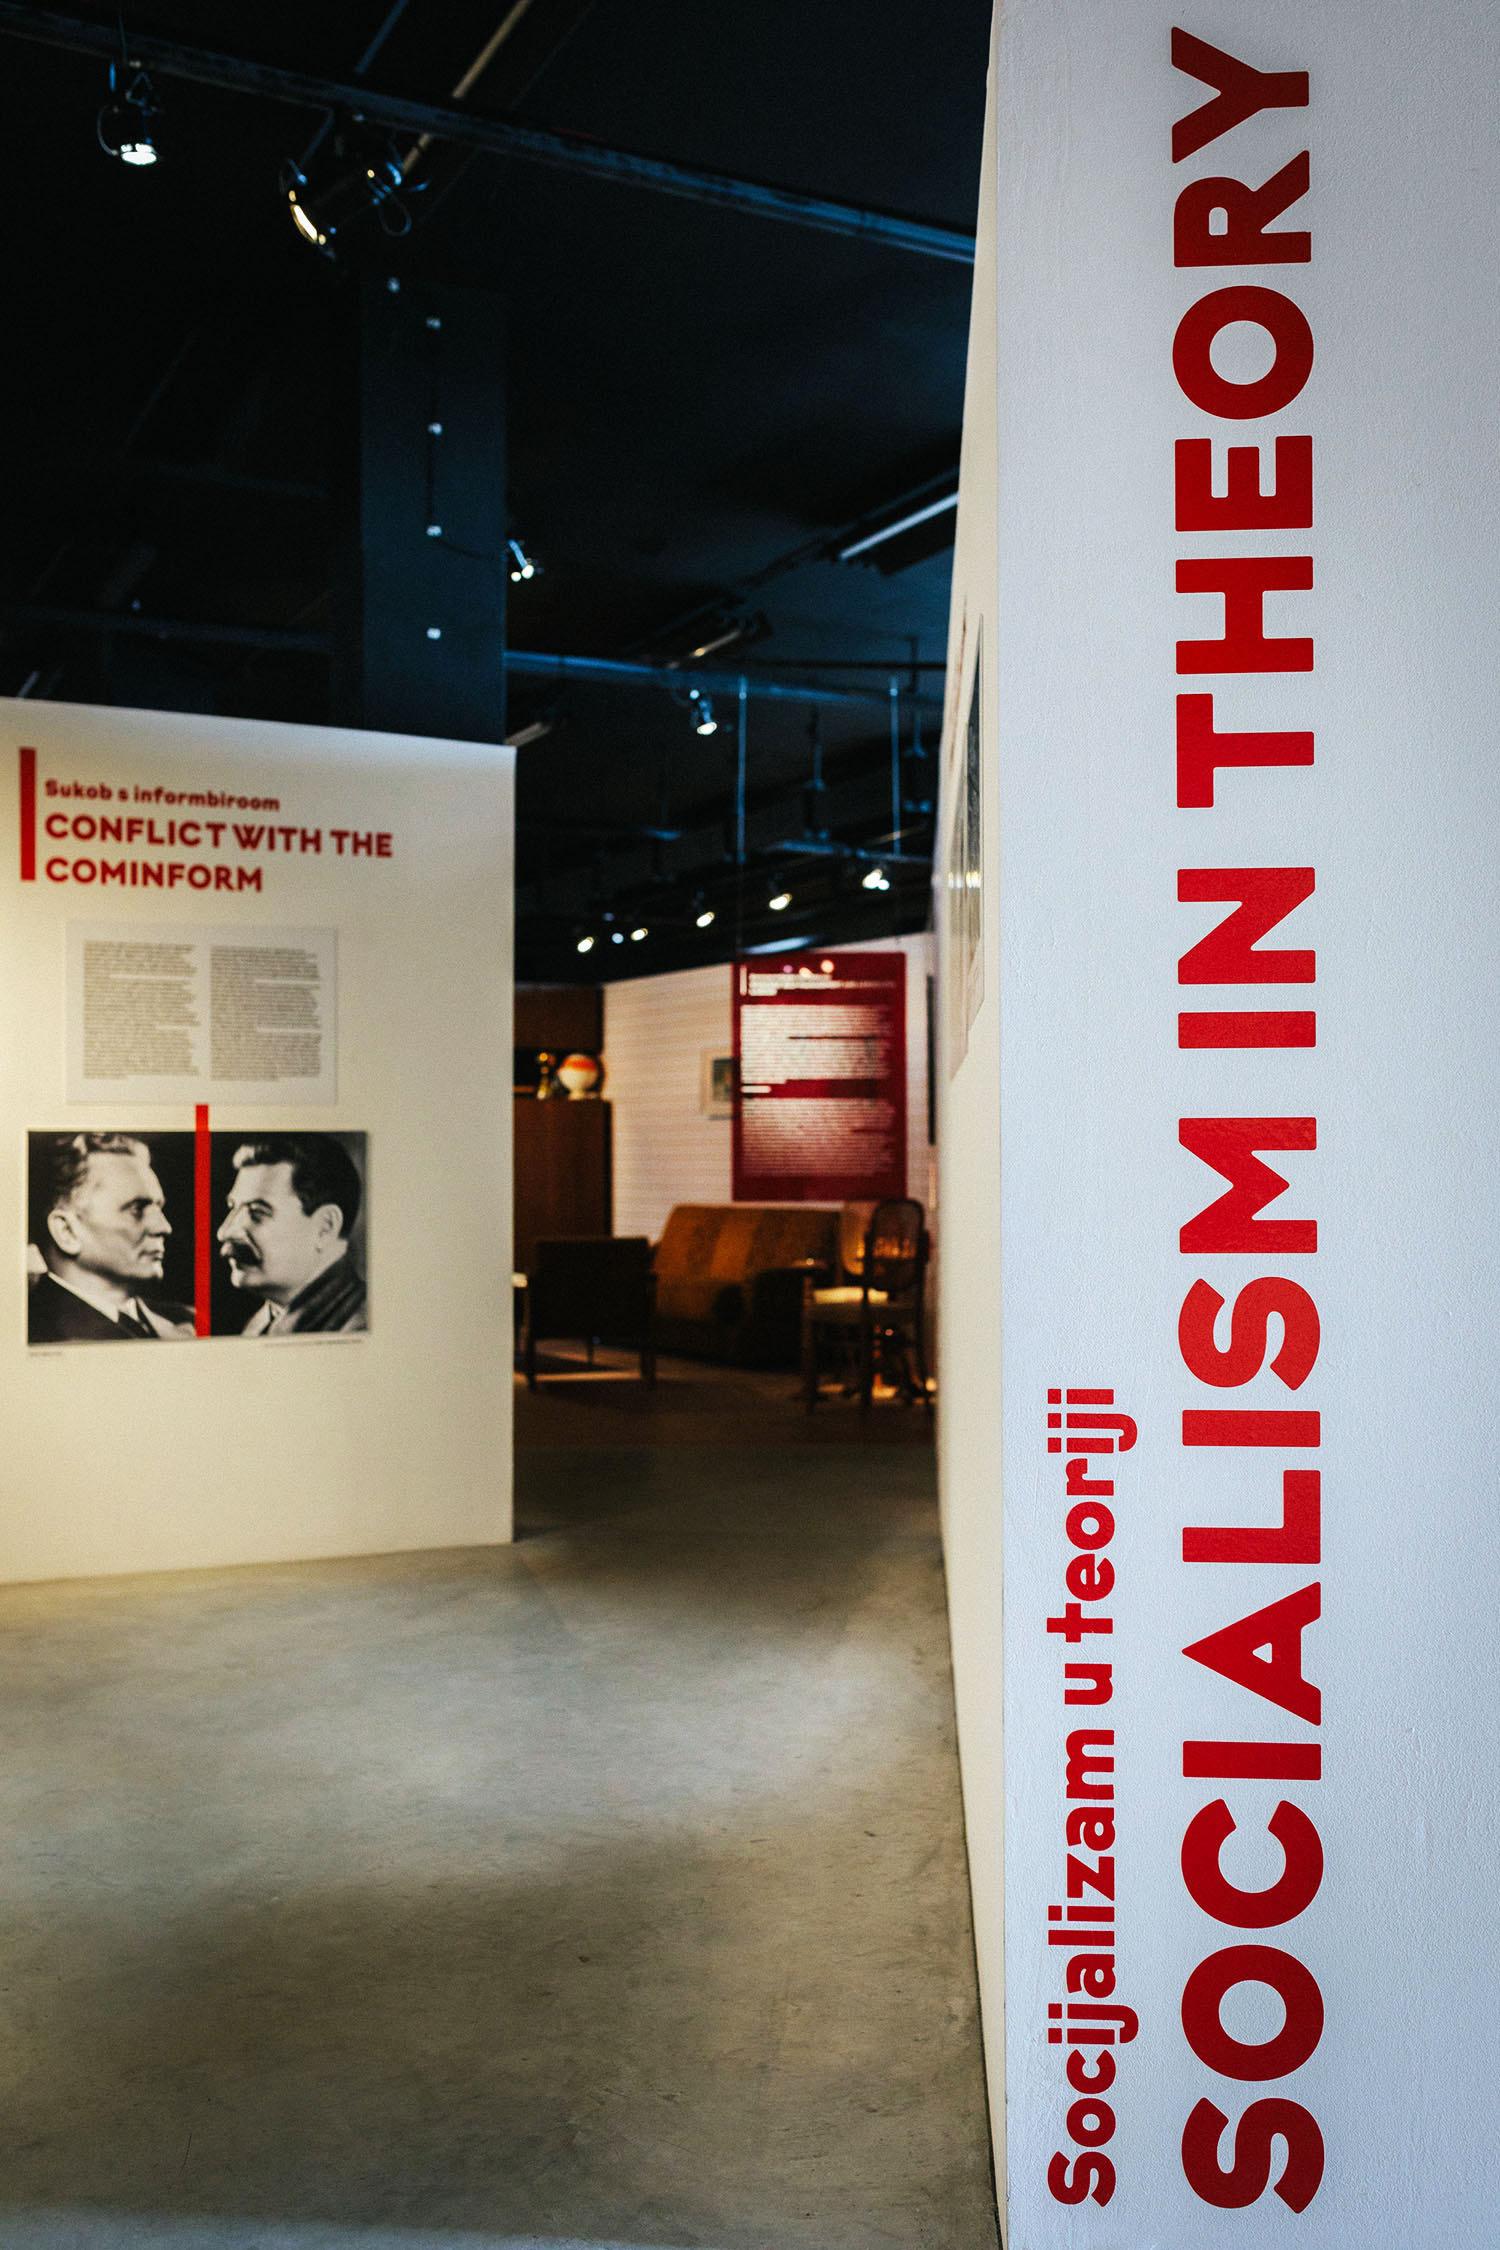 muzej crvene povijesti / red history museum